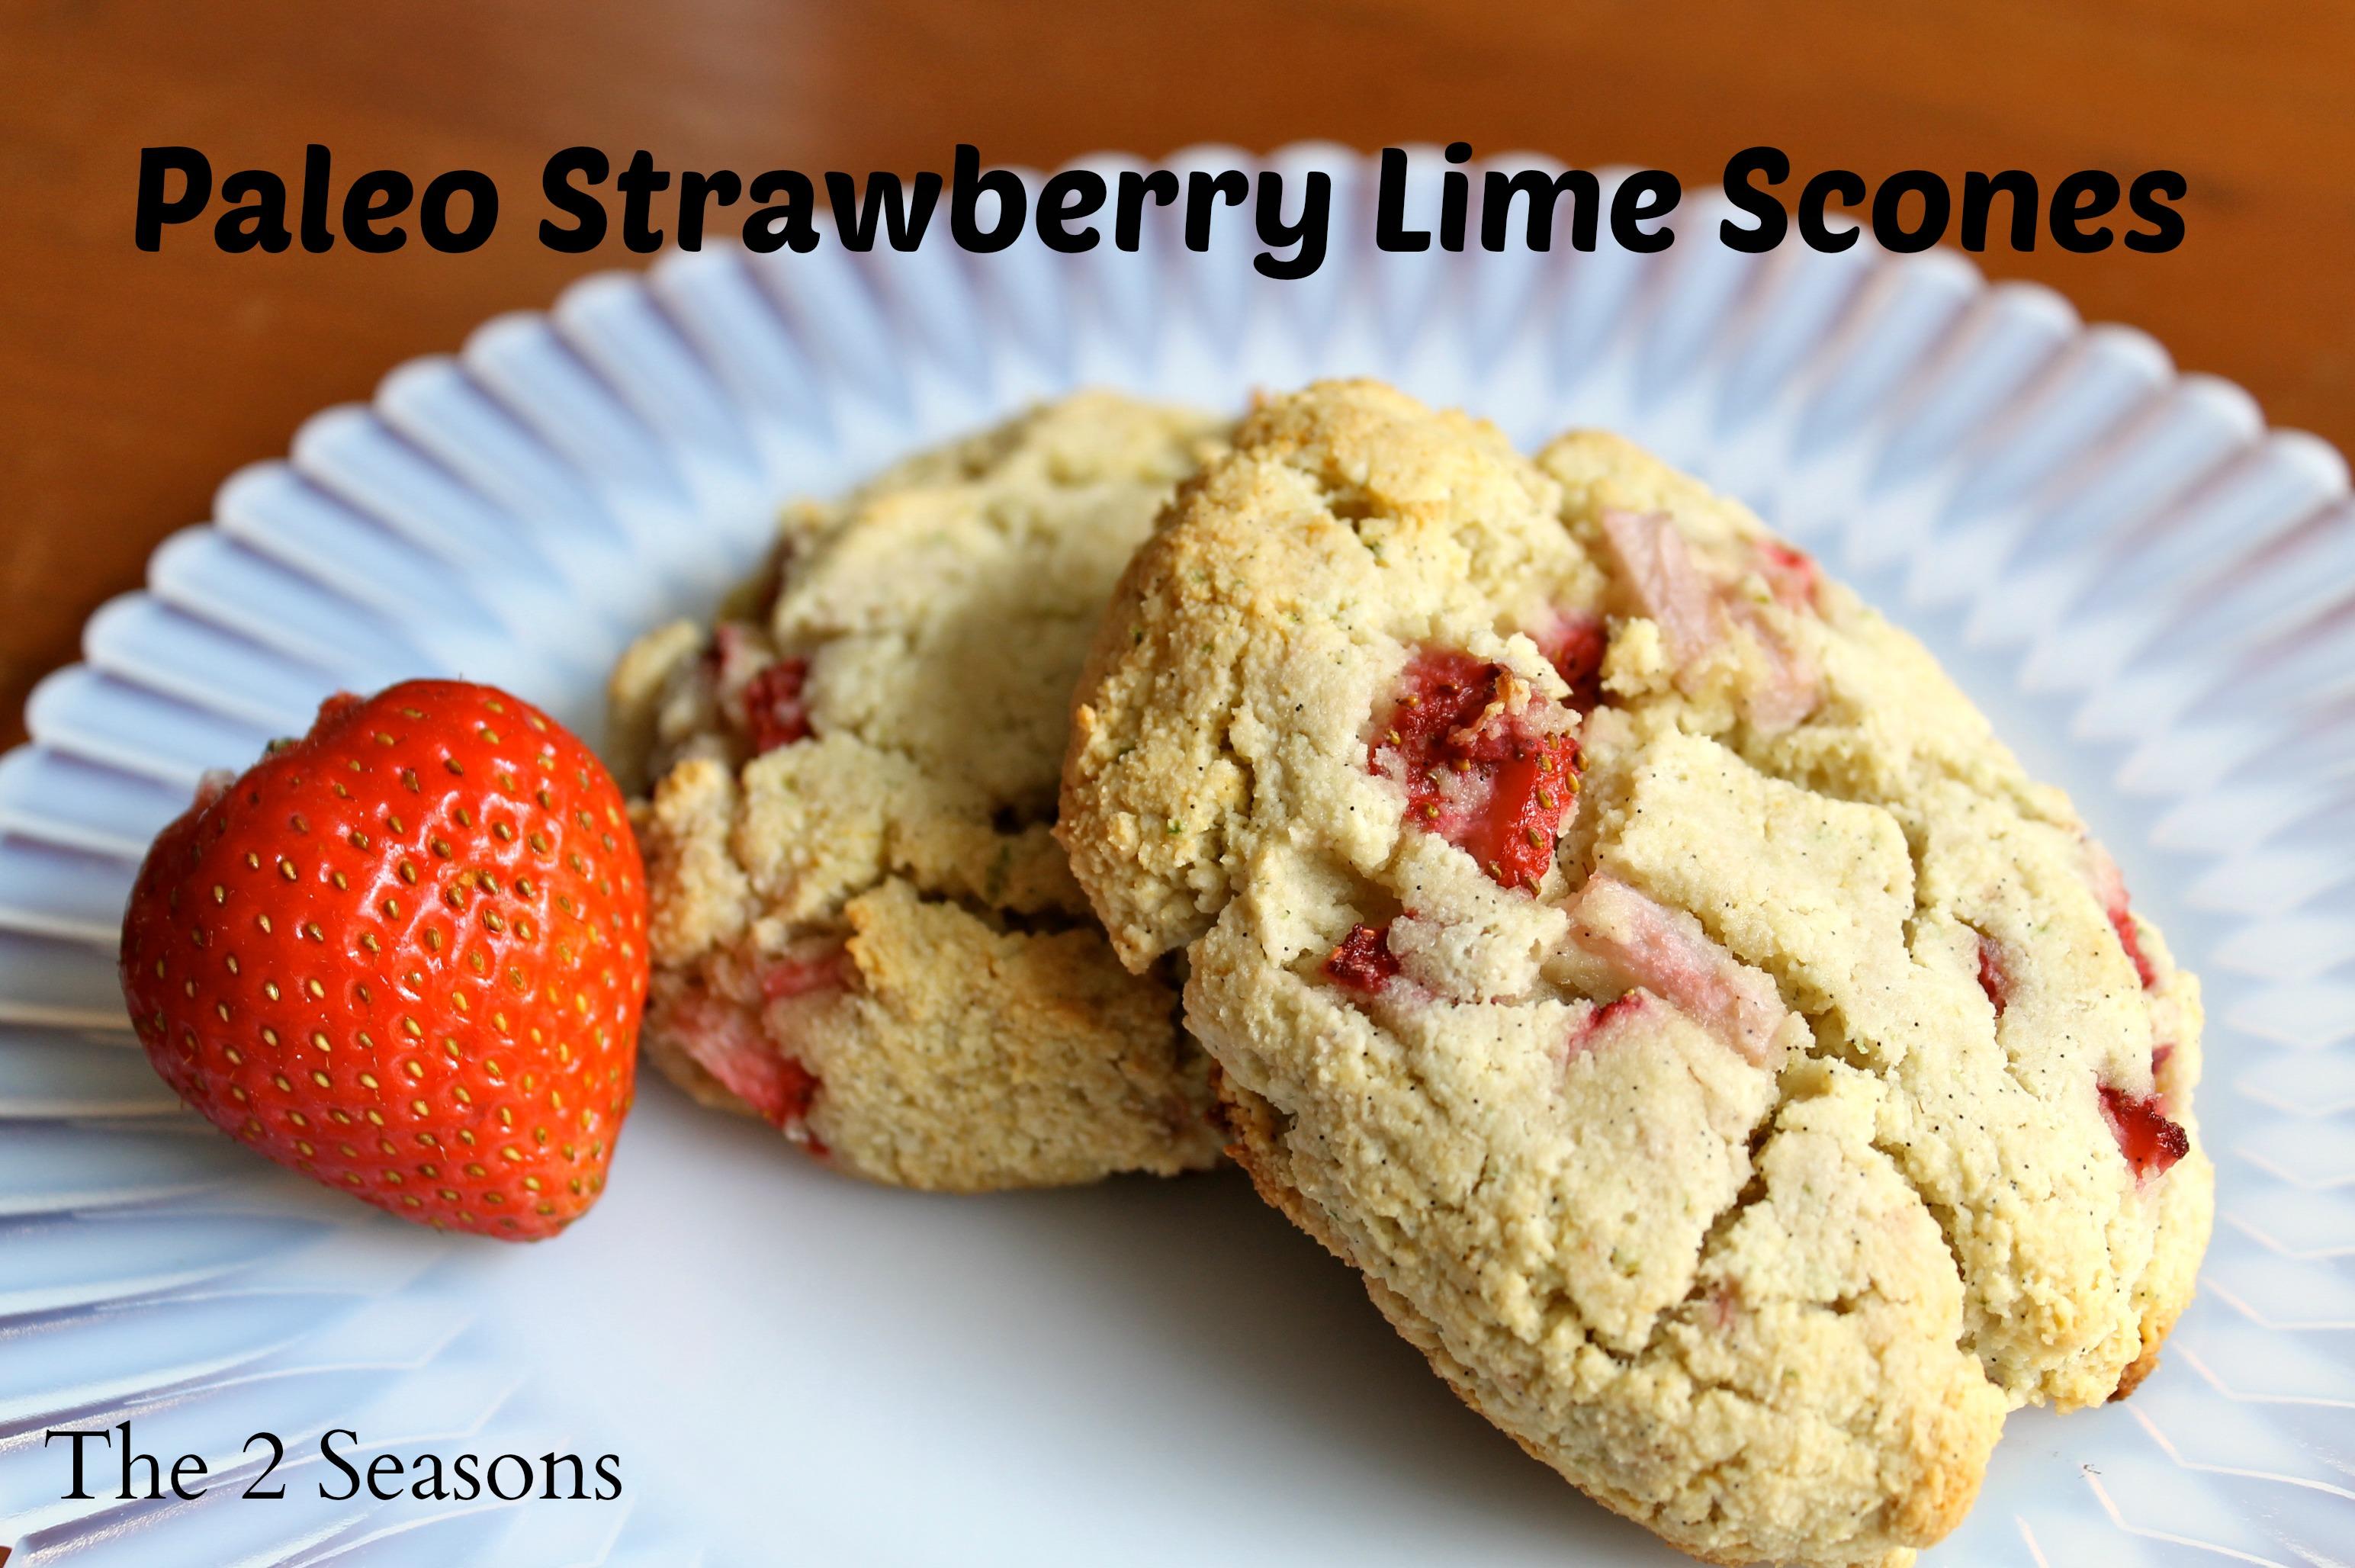 Strawberry Scones - Paleo Strawberry/Lime Scones